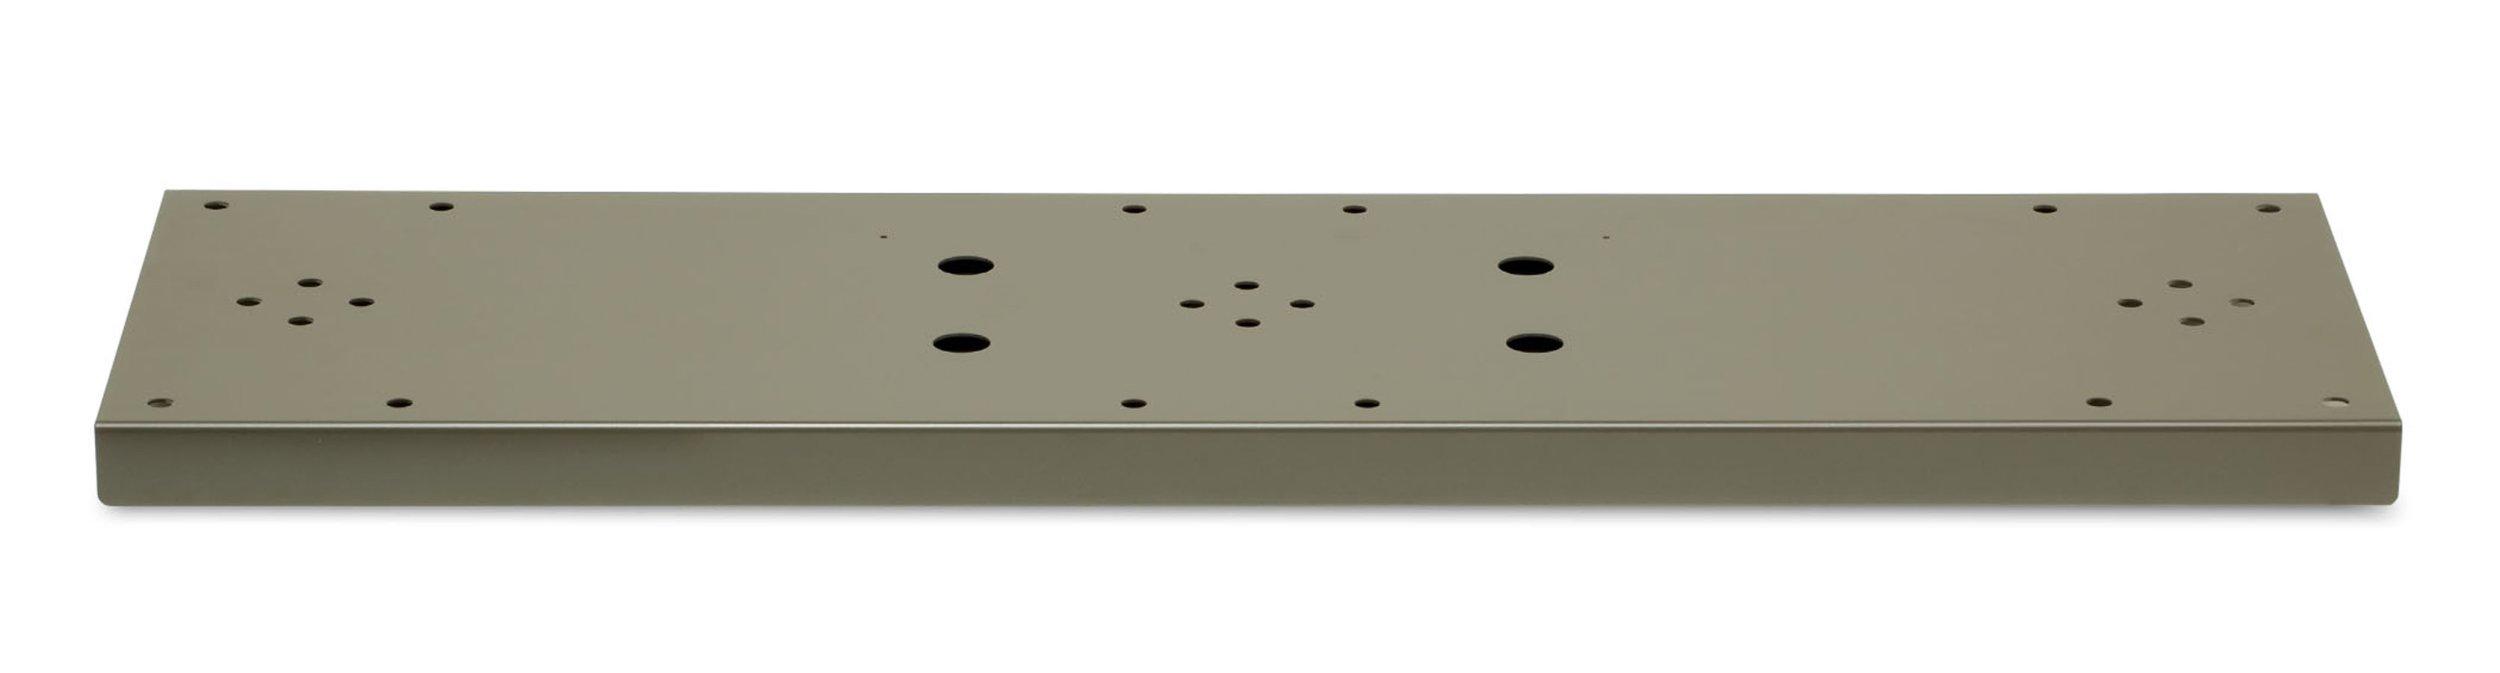 Architectural Mailboxes Tri Spreader Plate, Graphite Bronze